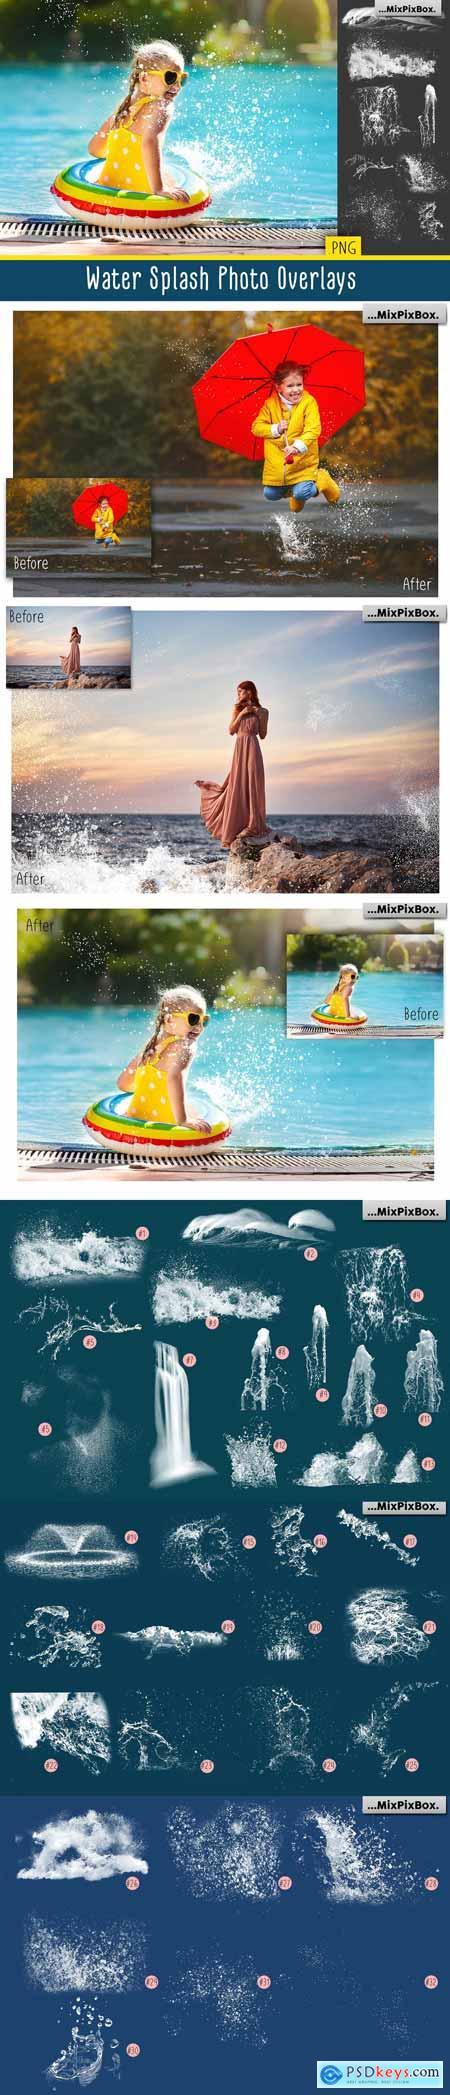 Water Splash Photo Overlays 3407296